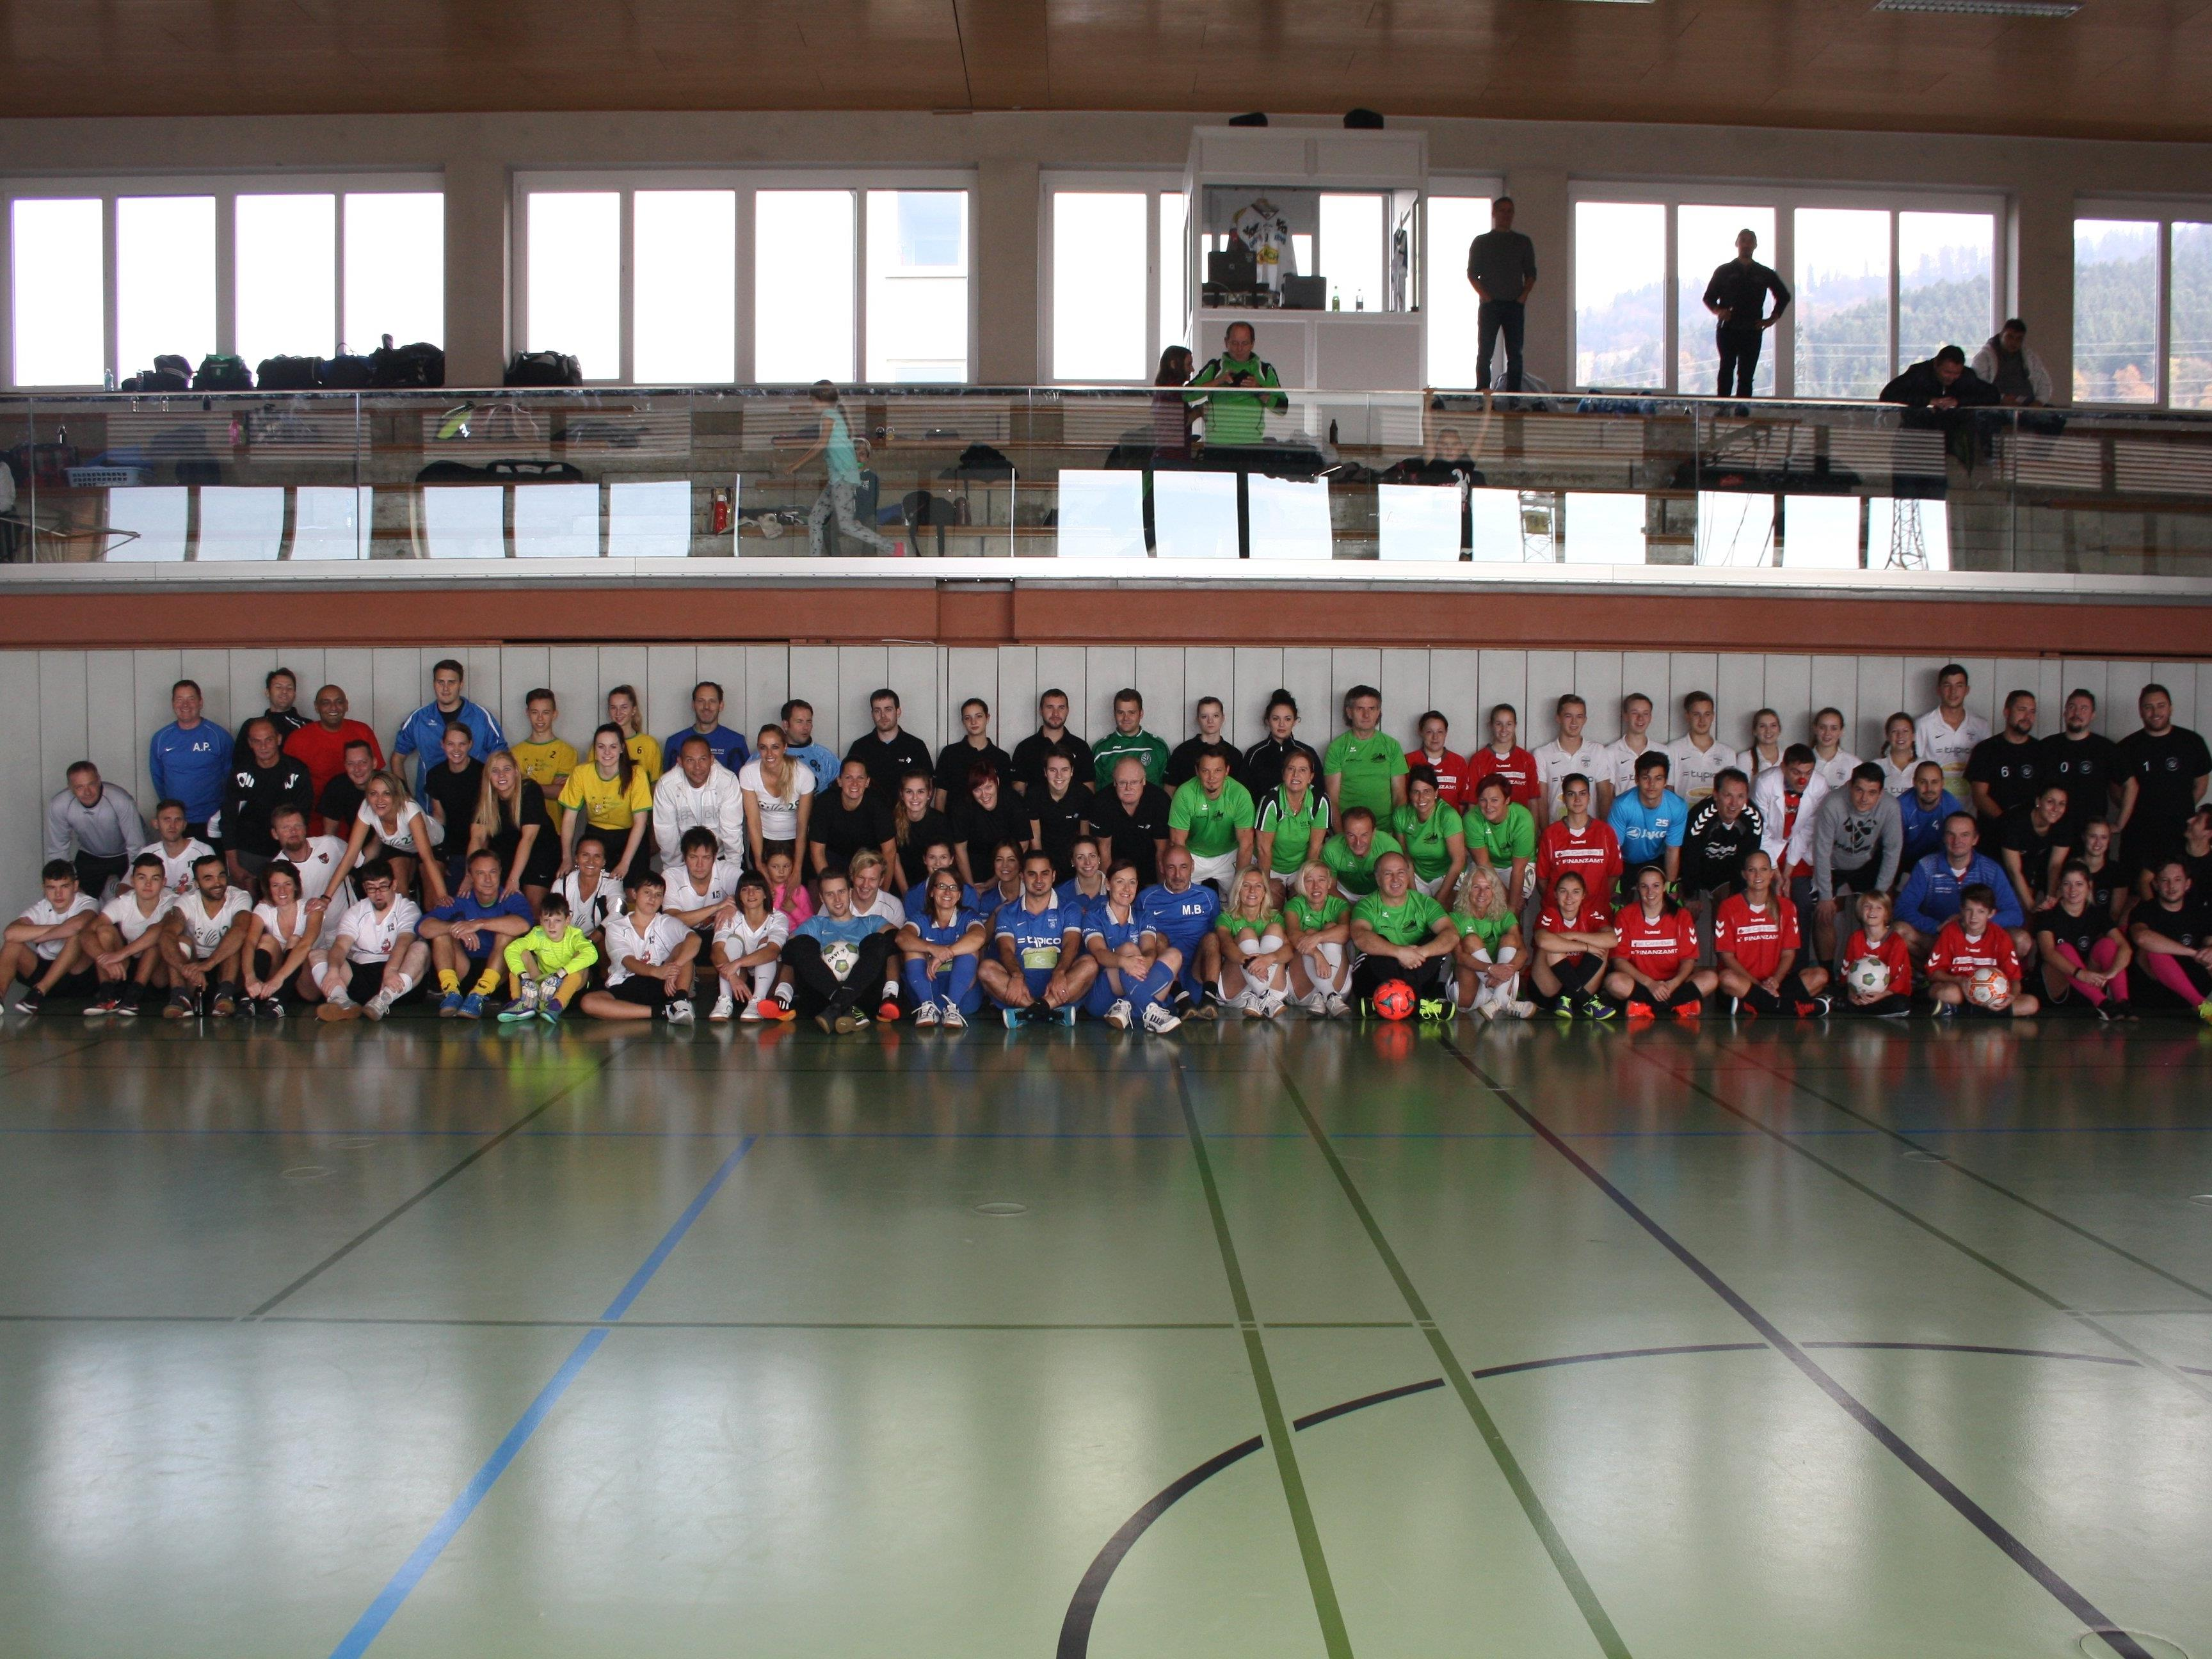 """Über 90 fußballbegeisterte Spielerinnen und Spieler waren im November 2016 bei der bereits siebten Auflage dieses """"Turnier des Herzens"""" dabei."""